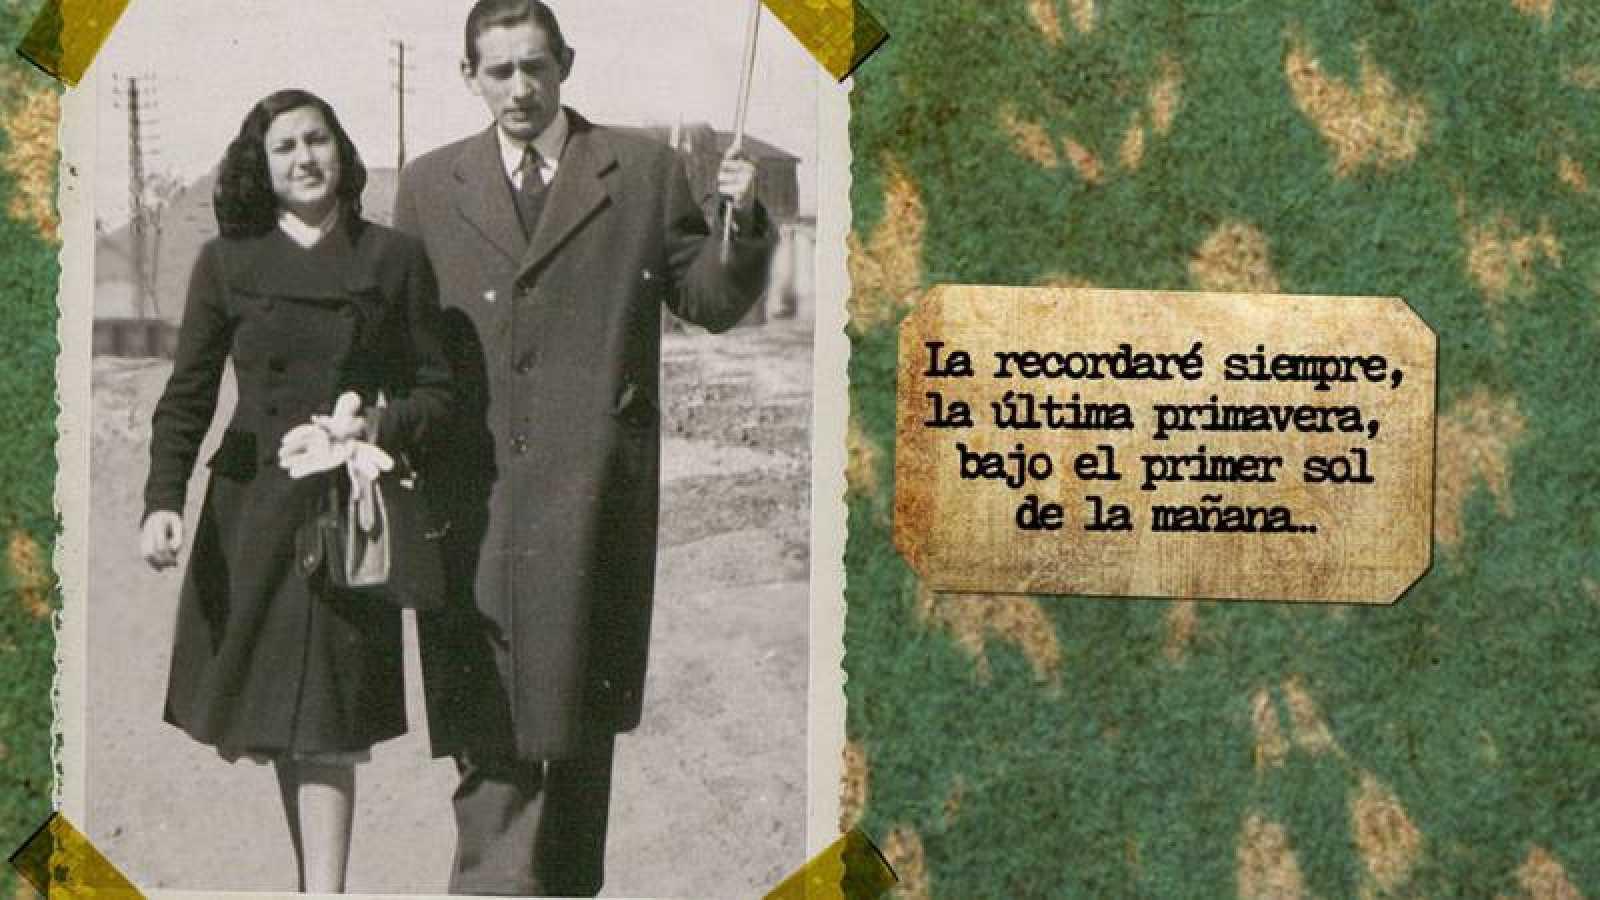 Miguel Delibes y Ángeles de Castro